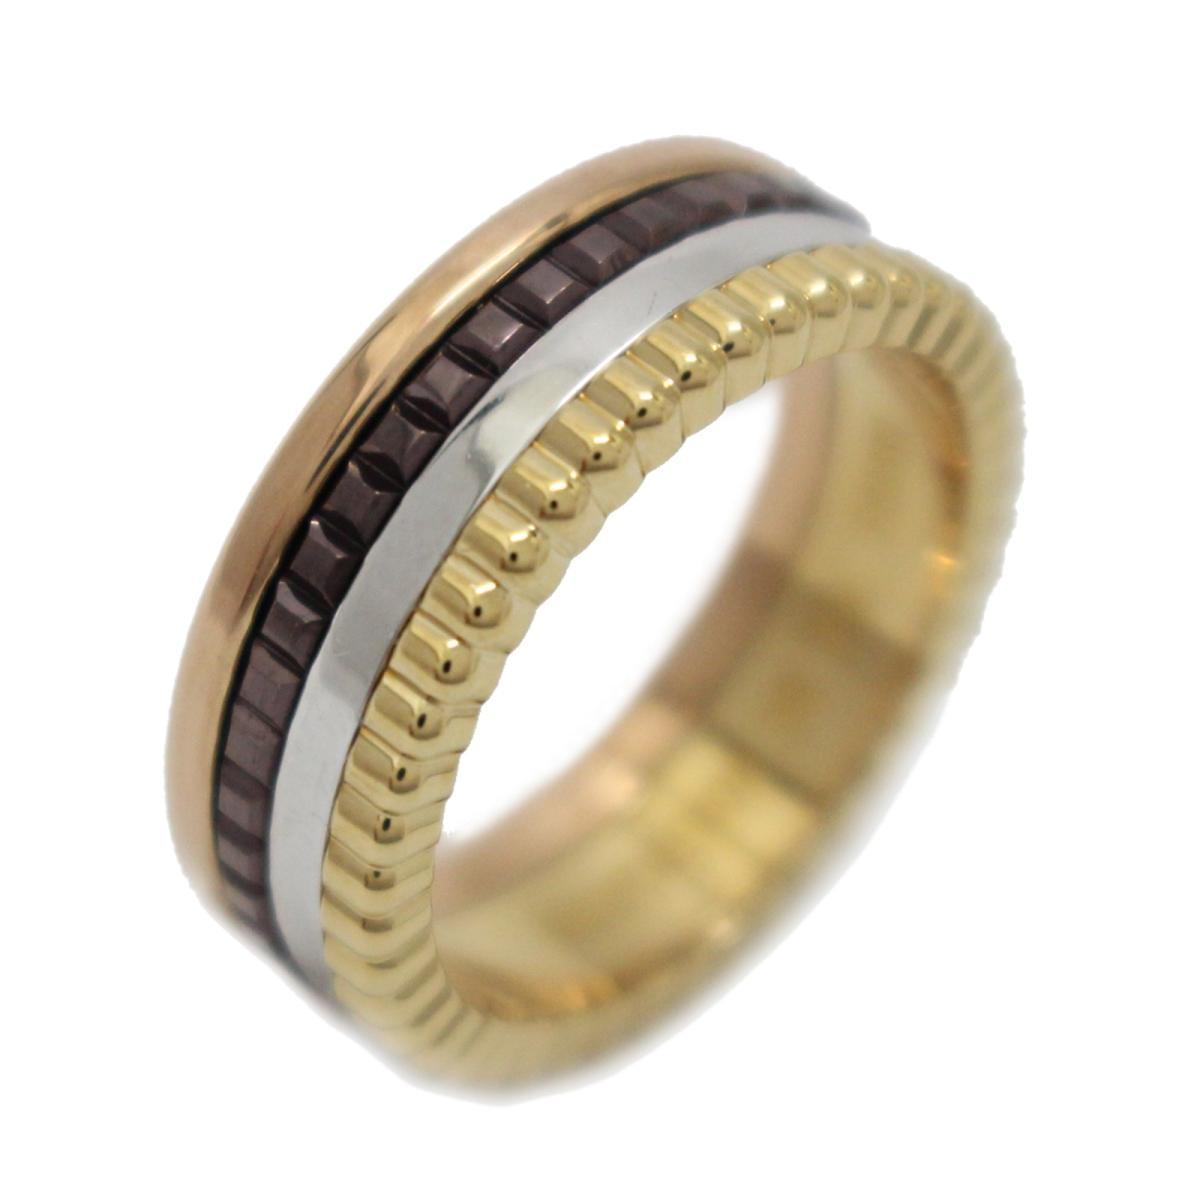 【中古】 ブシュロン キャトルクラシック リングスモール 指輪 メンズ レディース K18YG (750) K18WG K18PG (750) PVD フォーカラー | BOUCHERON BRANDOFF ブランドオフ ブランド ジュエリー リング